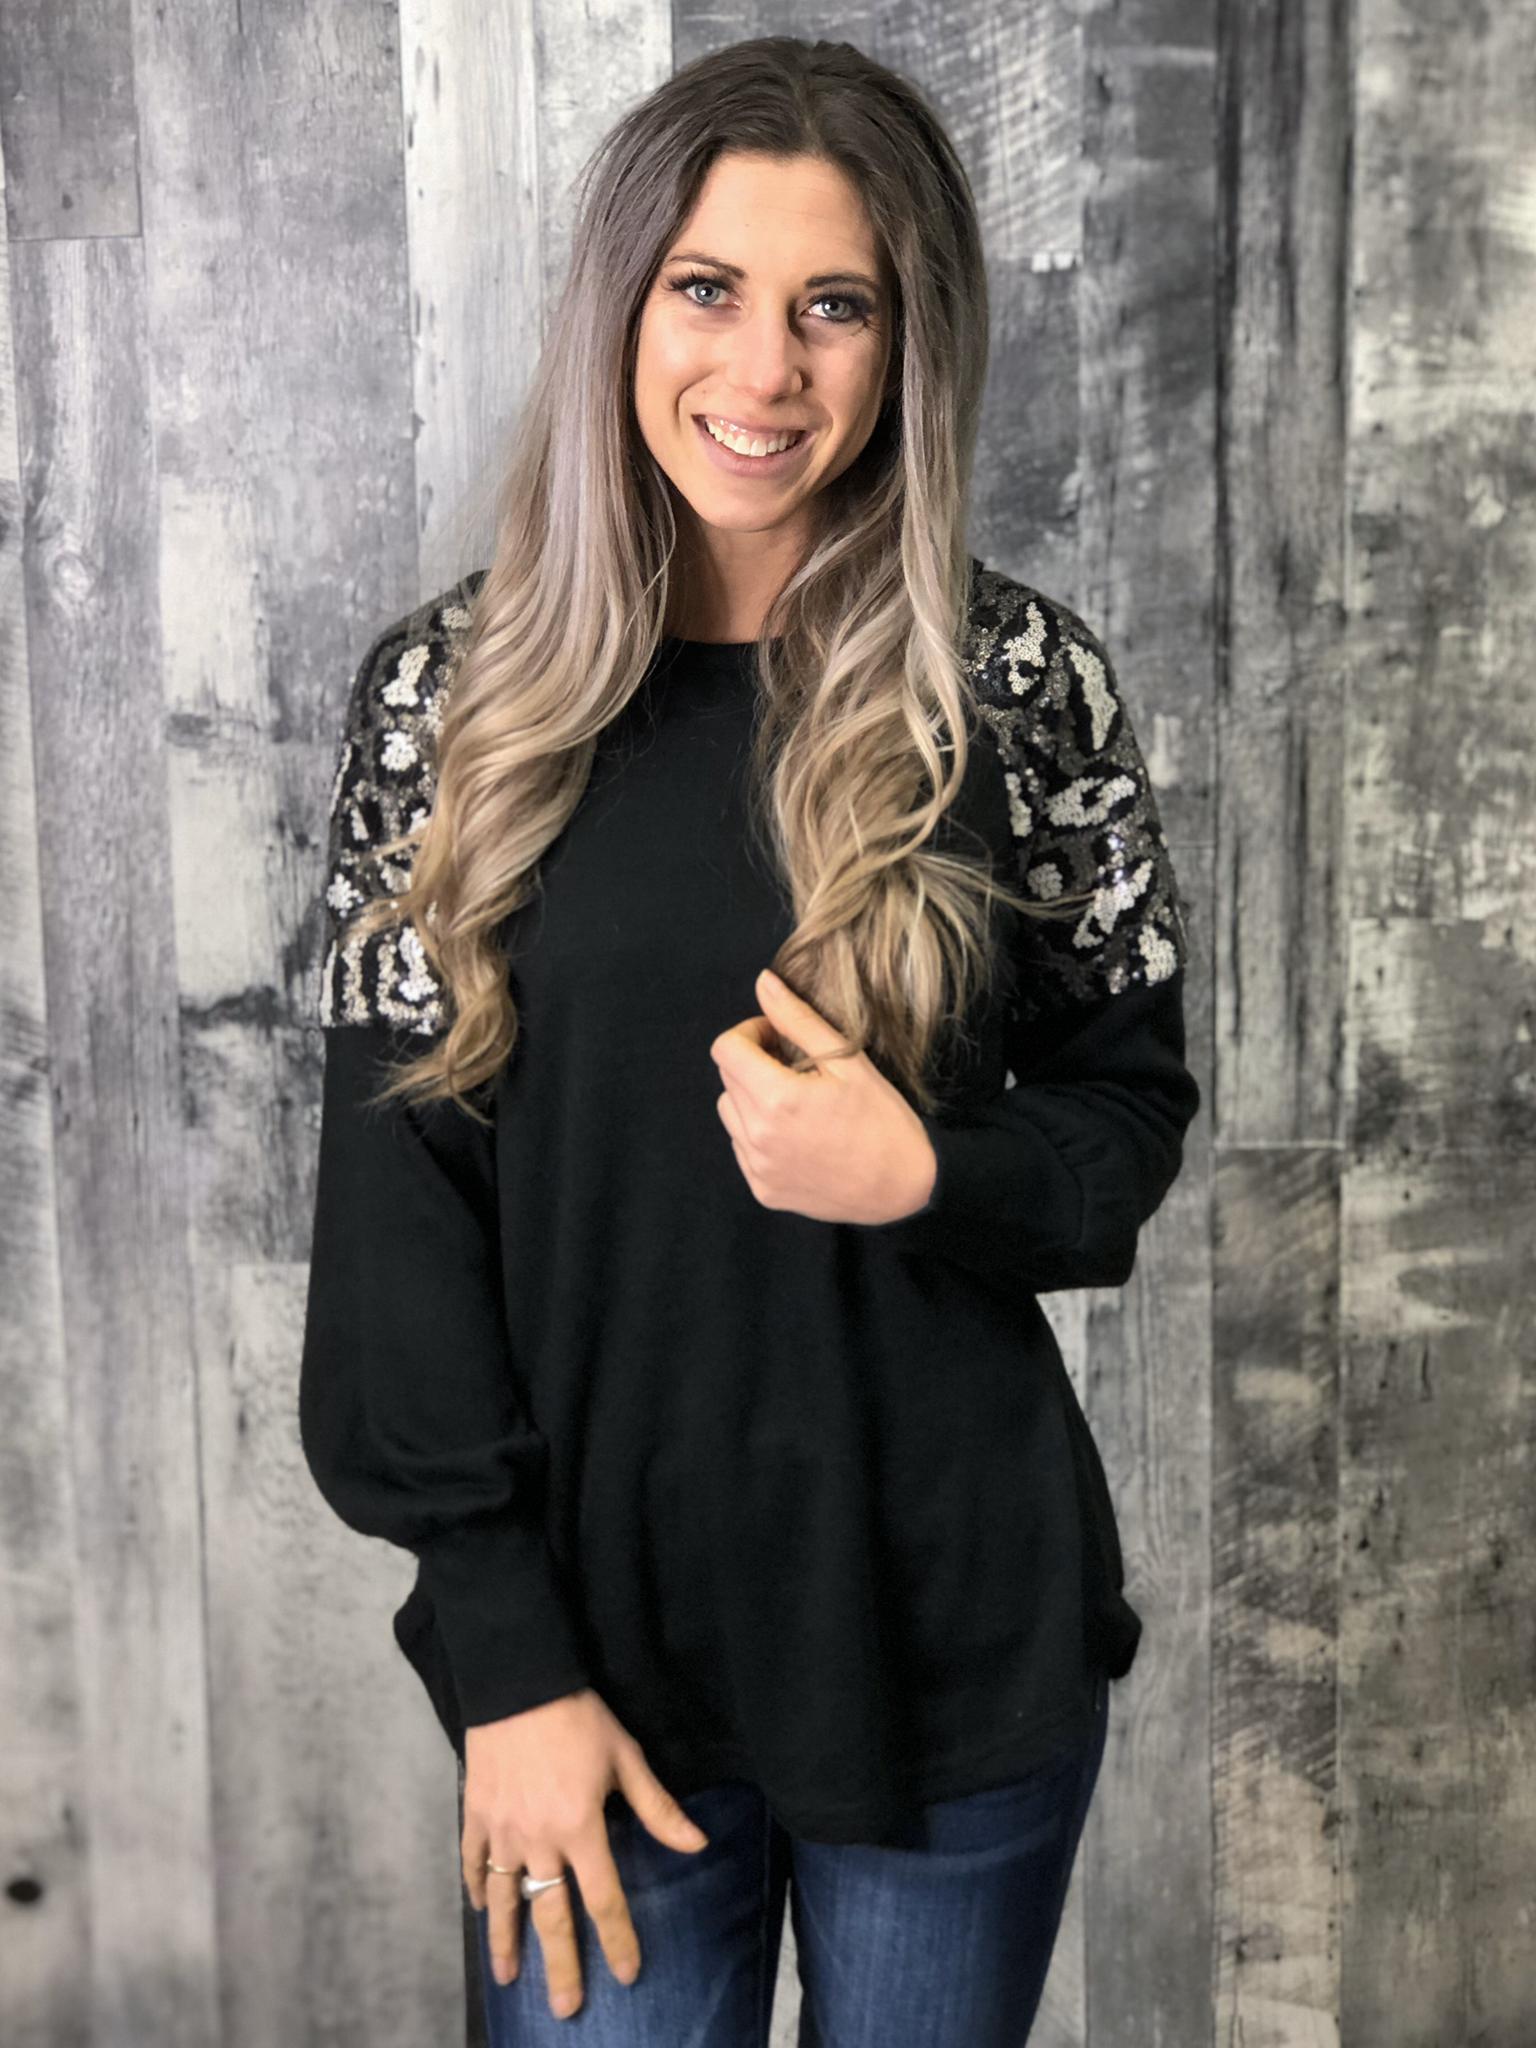 Animal Print Sequin Shoulder Sweater - BLACK 84230